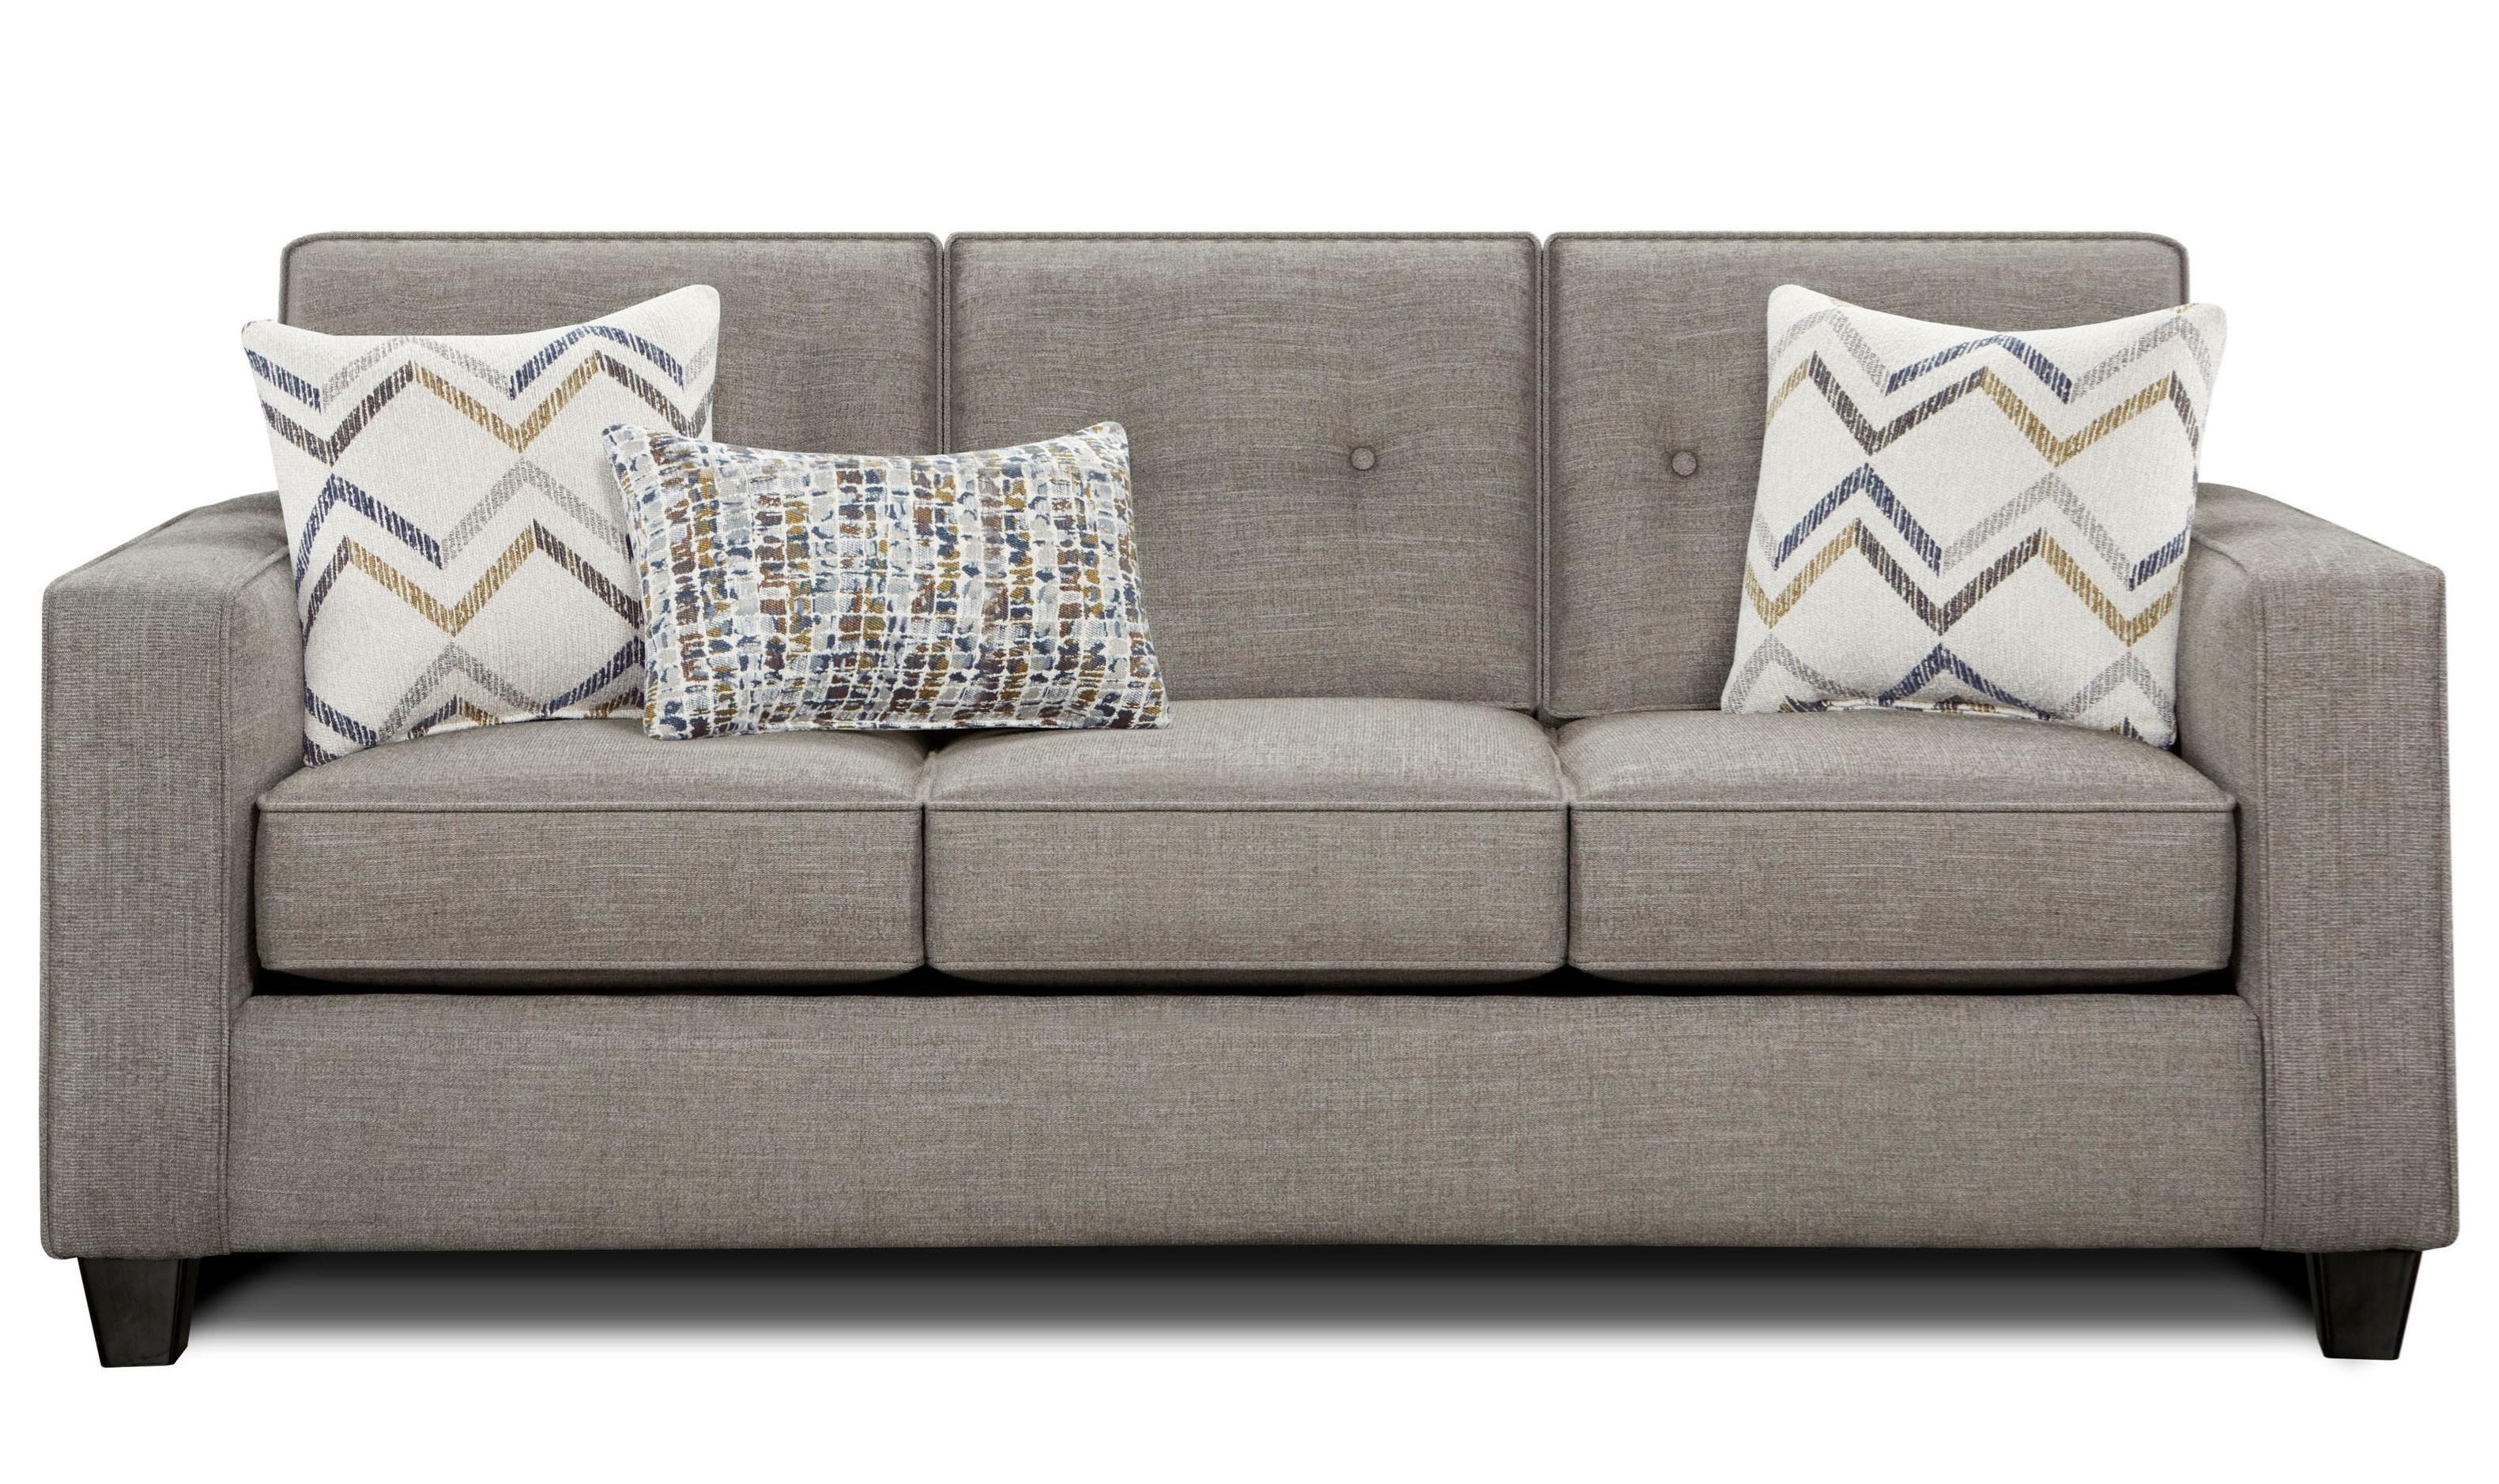 VFM Signature 3570B Sofa - Item Number: 3570B-KPSensation Vintage